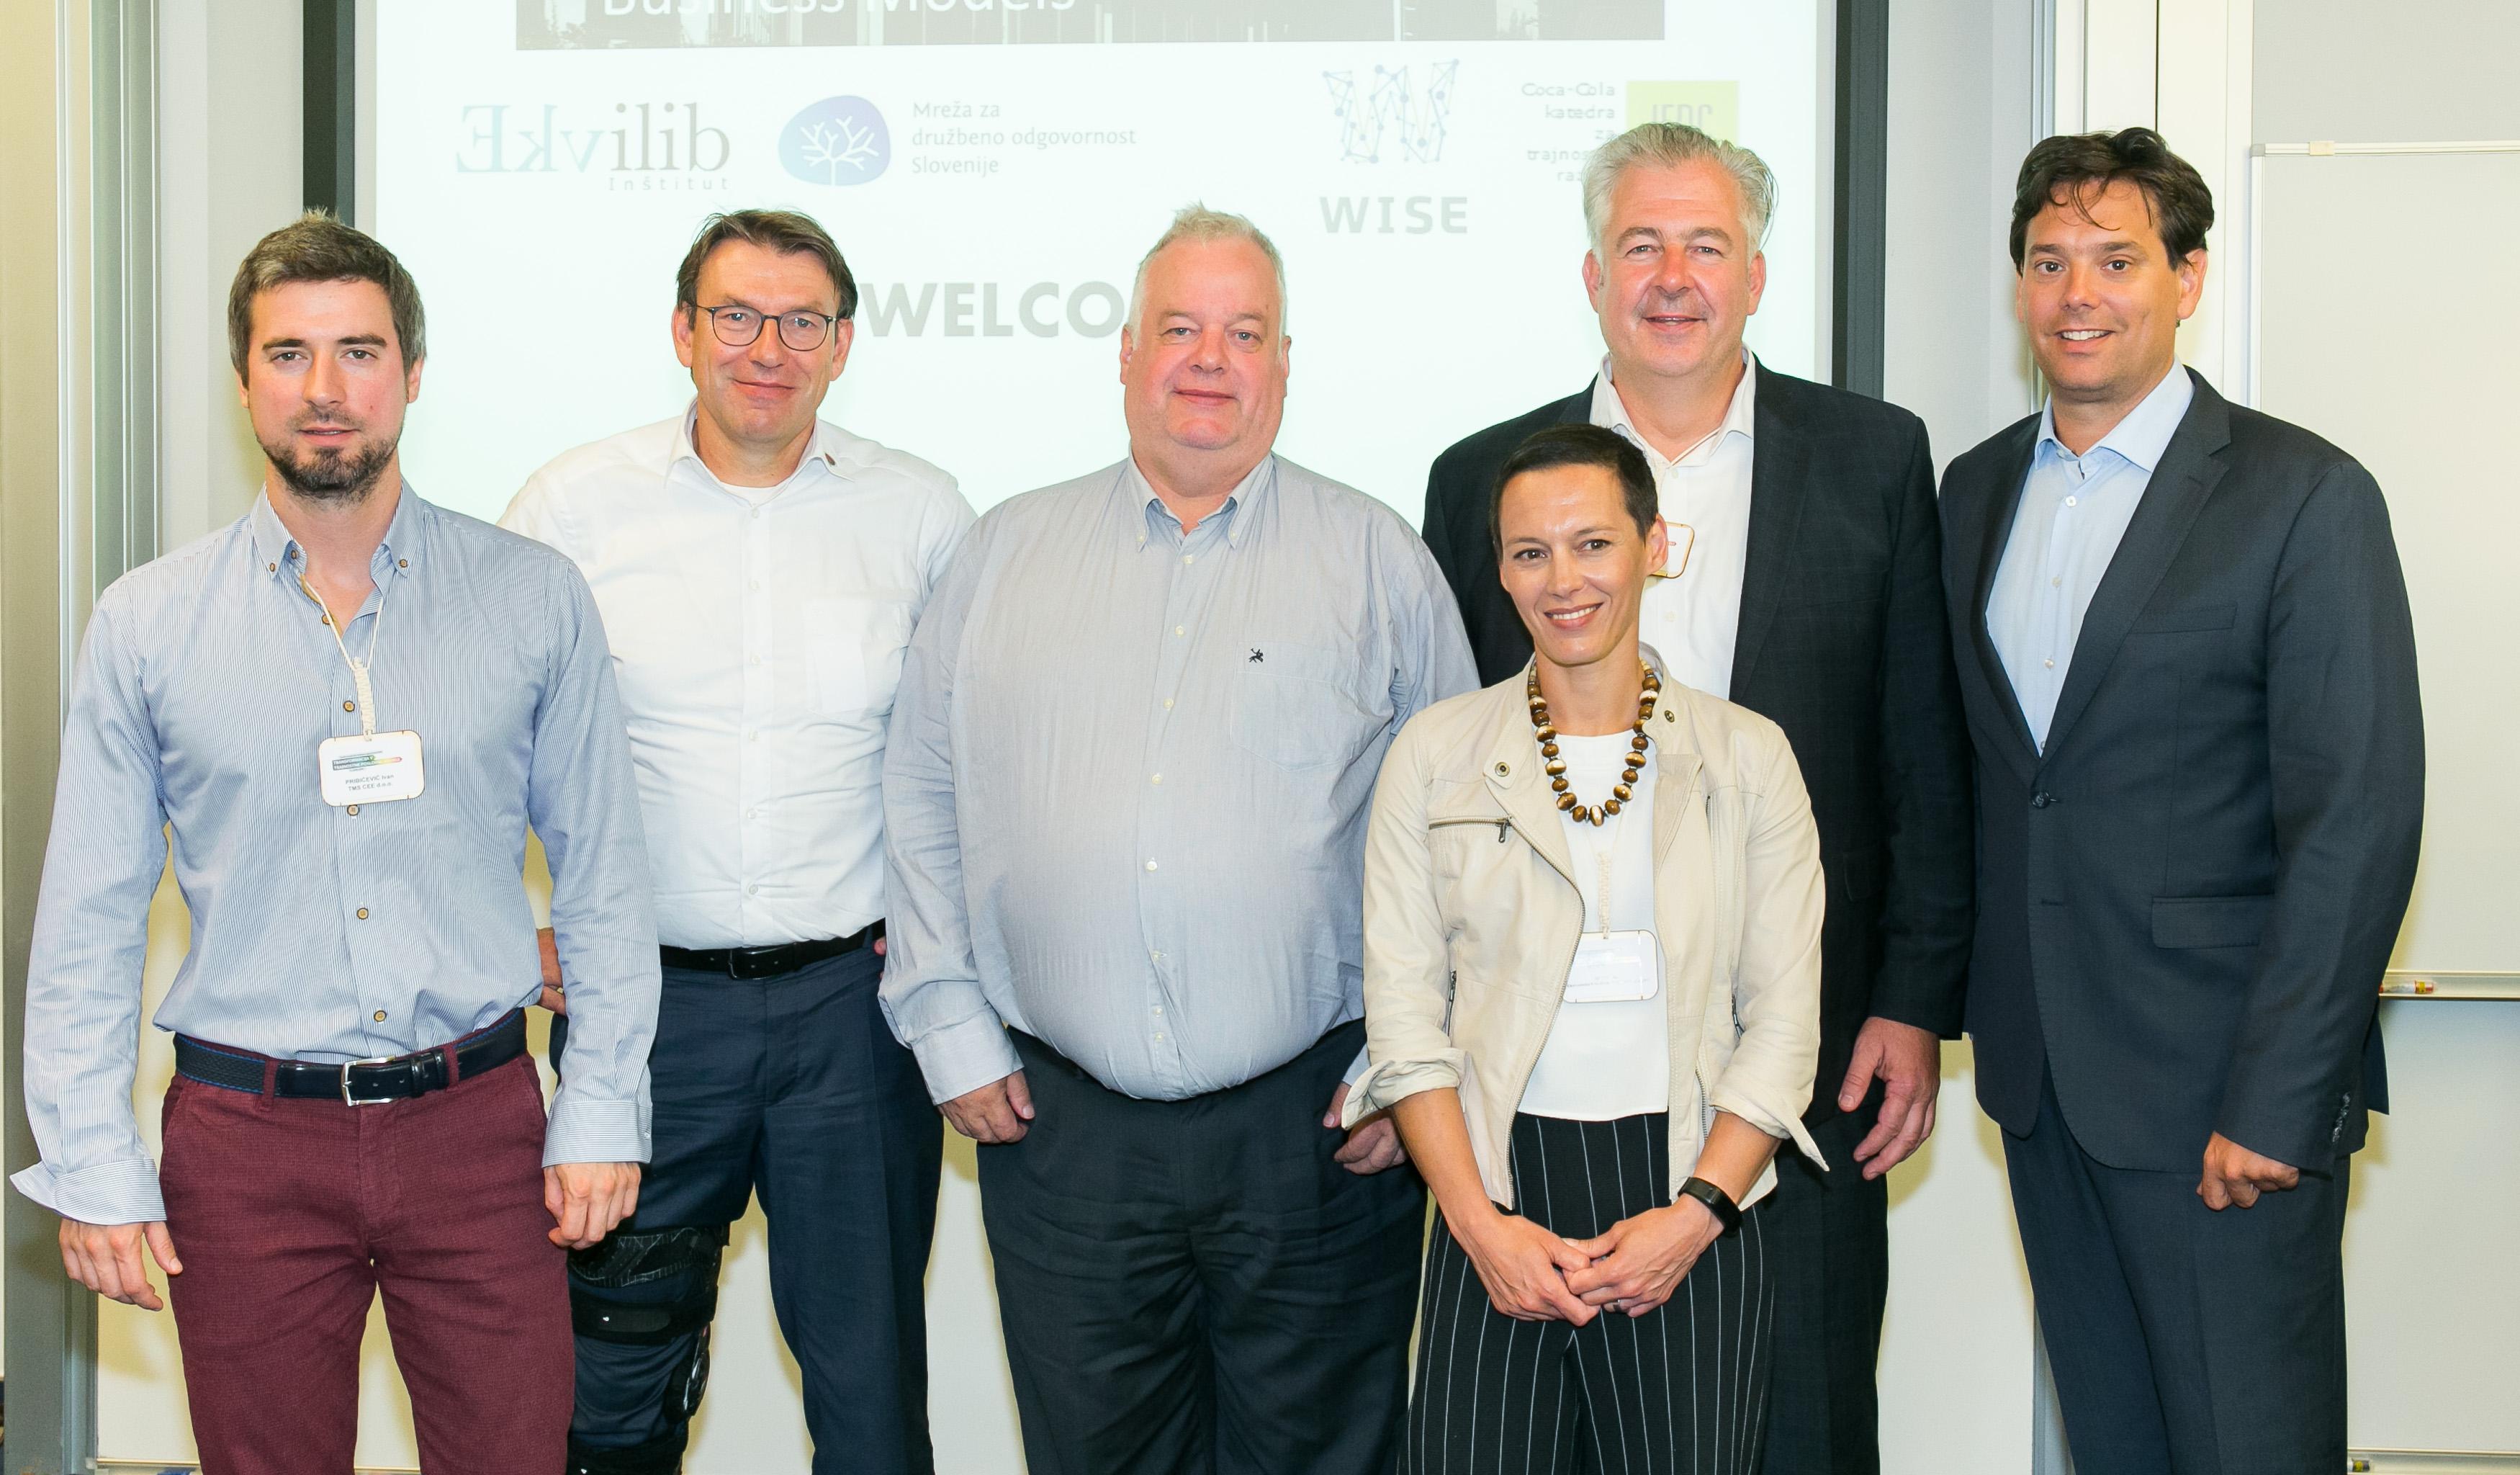 Govorci na konferenci so bili strokovnjaki iz organizacij na področju naprednih poslovnih modelov_